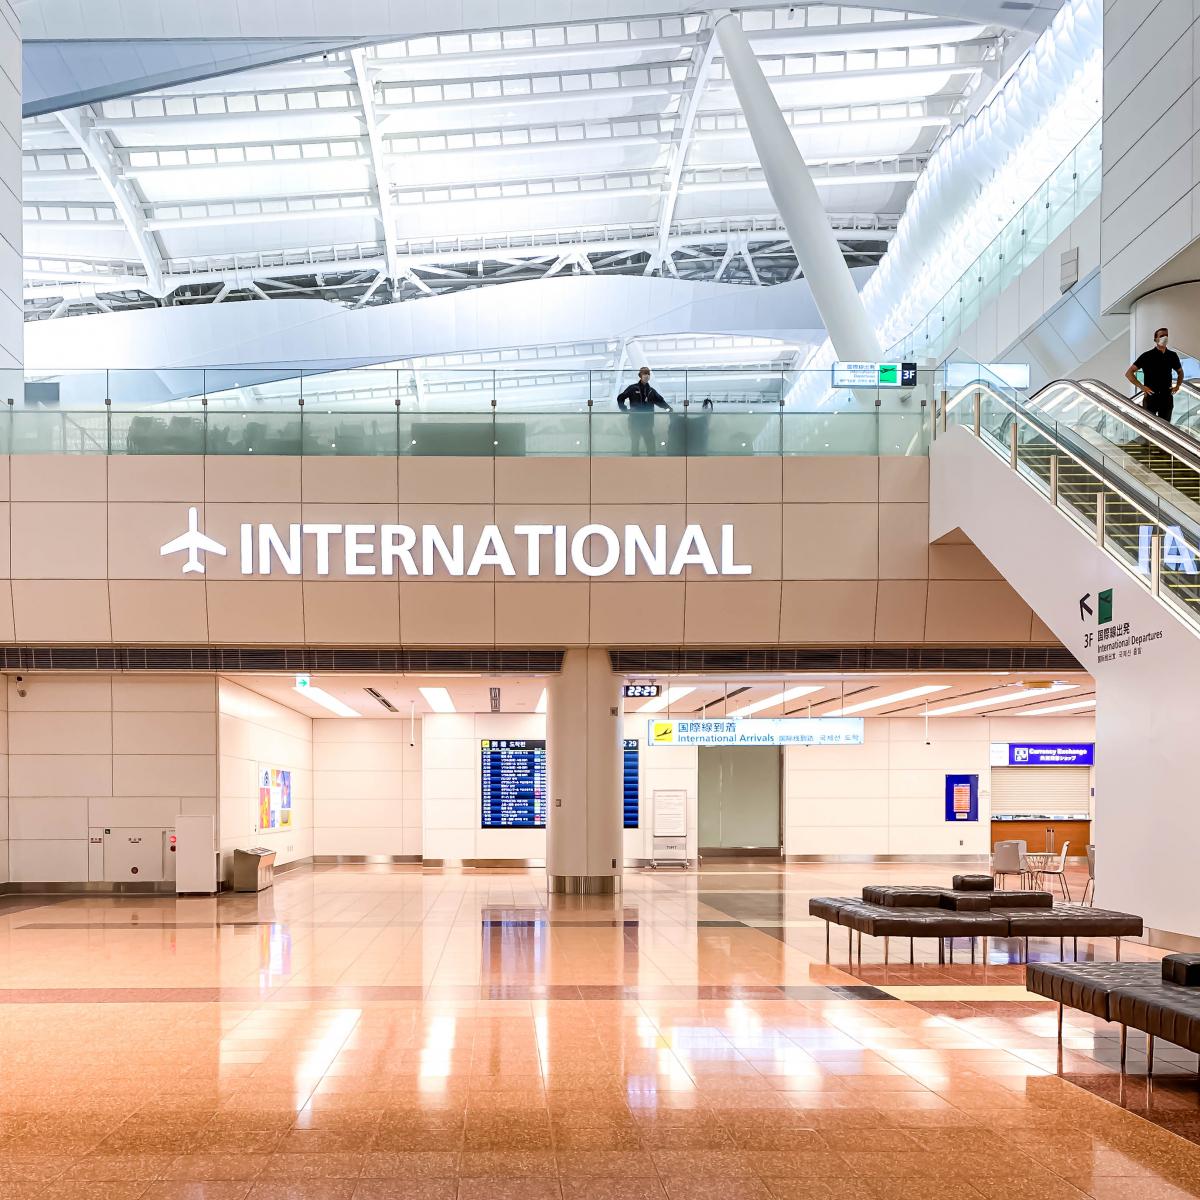 羽田空港第2ターミナル国際線エリアへ乱入、いえ、潜入、いや、見学に!